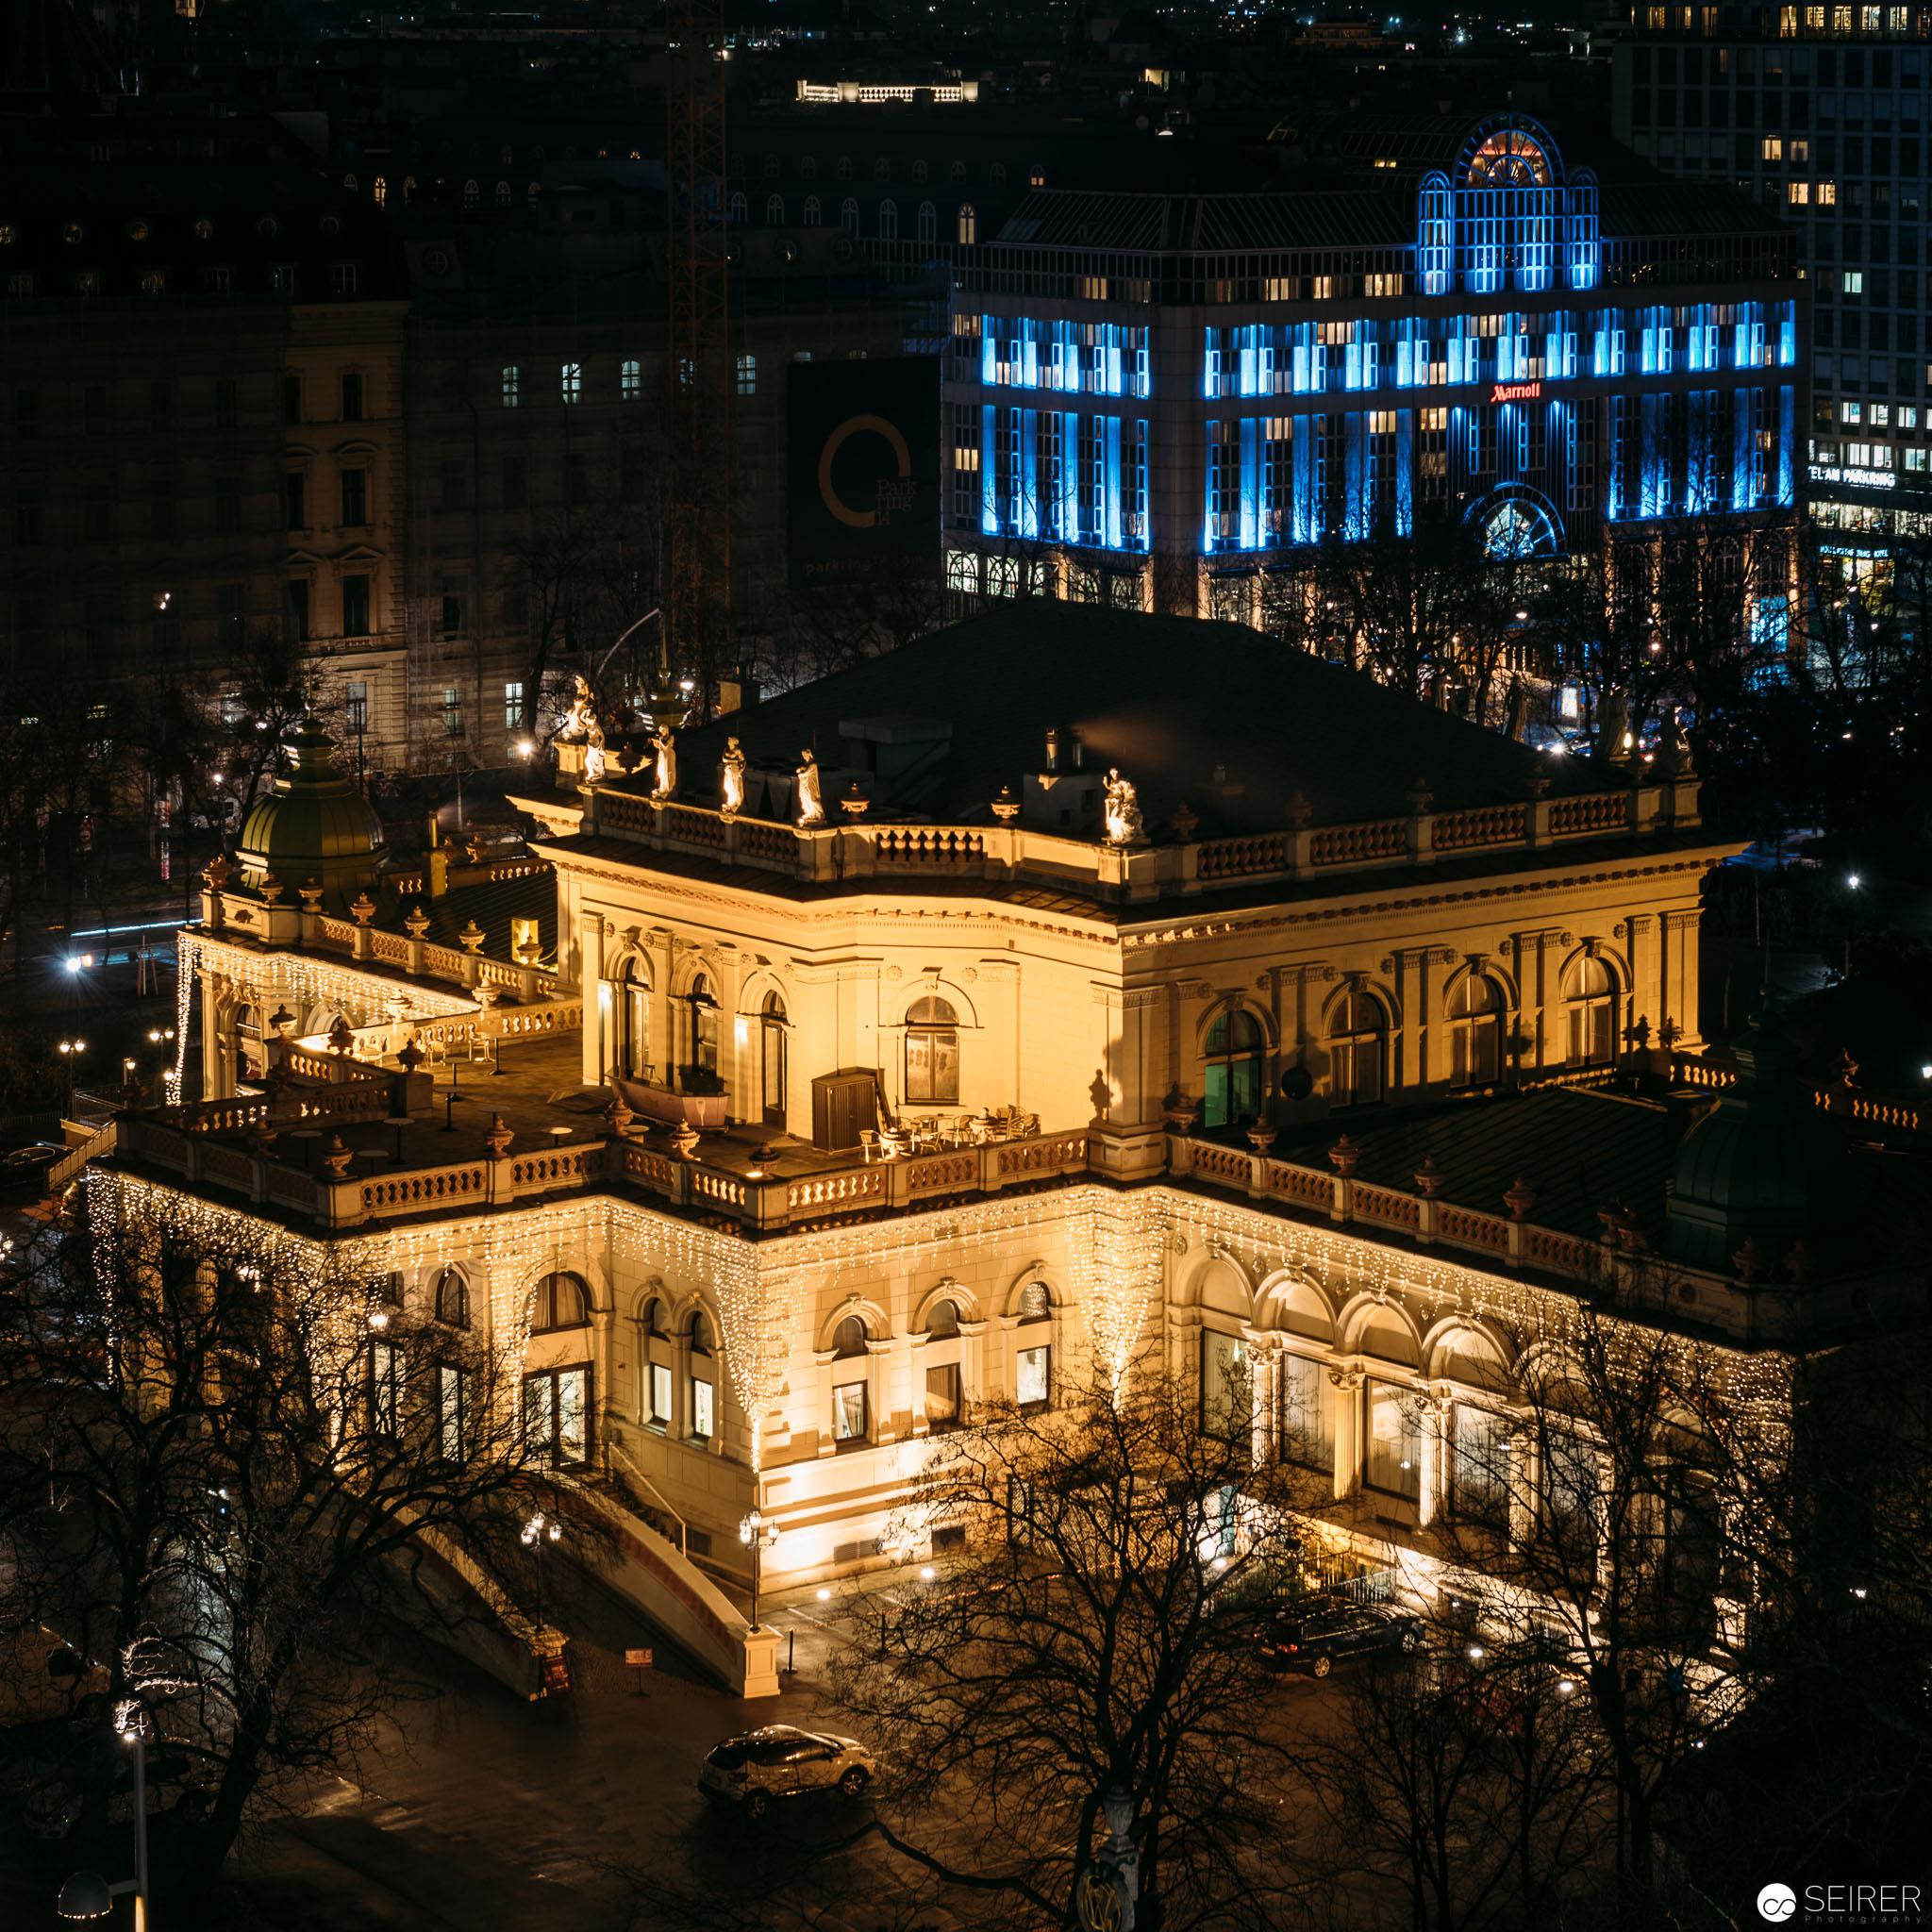 Der Kursalon im Stadtpark vom InterContinental Wien Dach aus